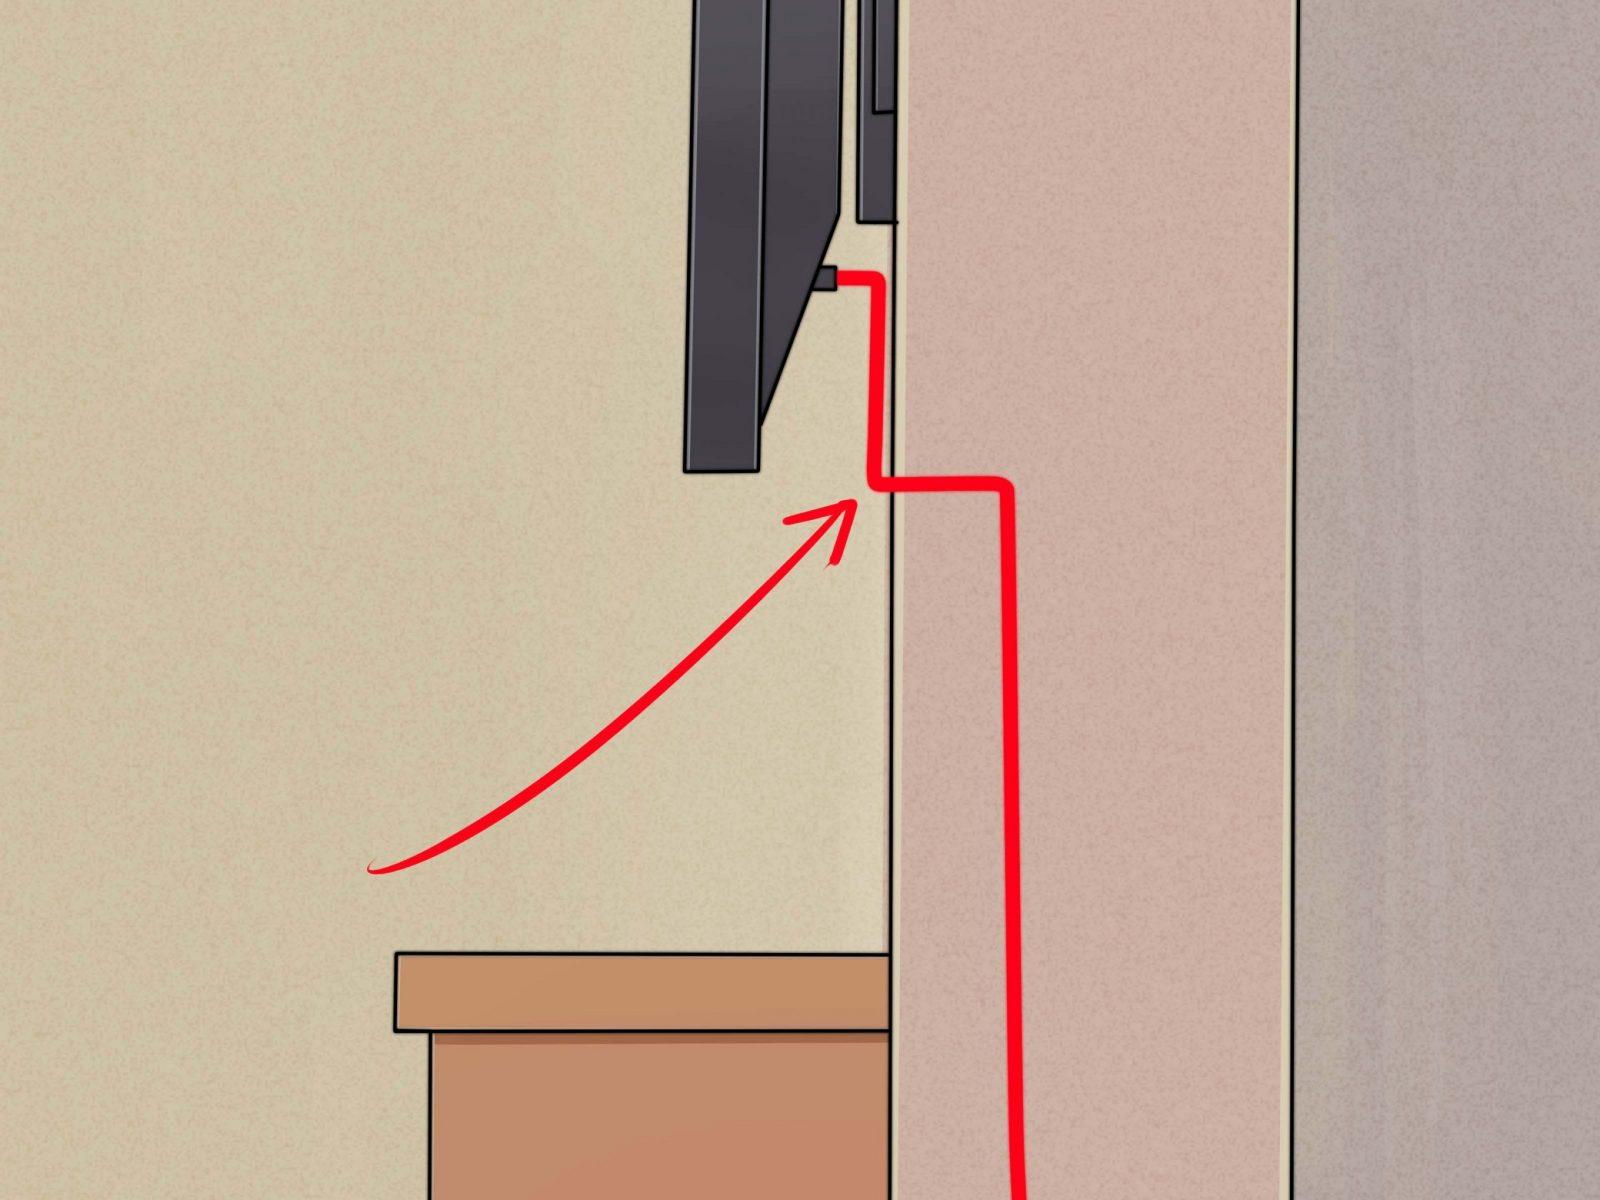 Einen Flachbildfernseher Ohne Sichtbare Kabel An Die Wand Montieren von Tv Aufhängen Kabel Verstecken Bild